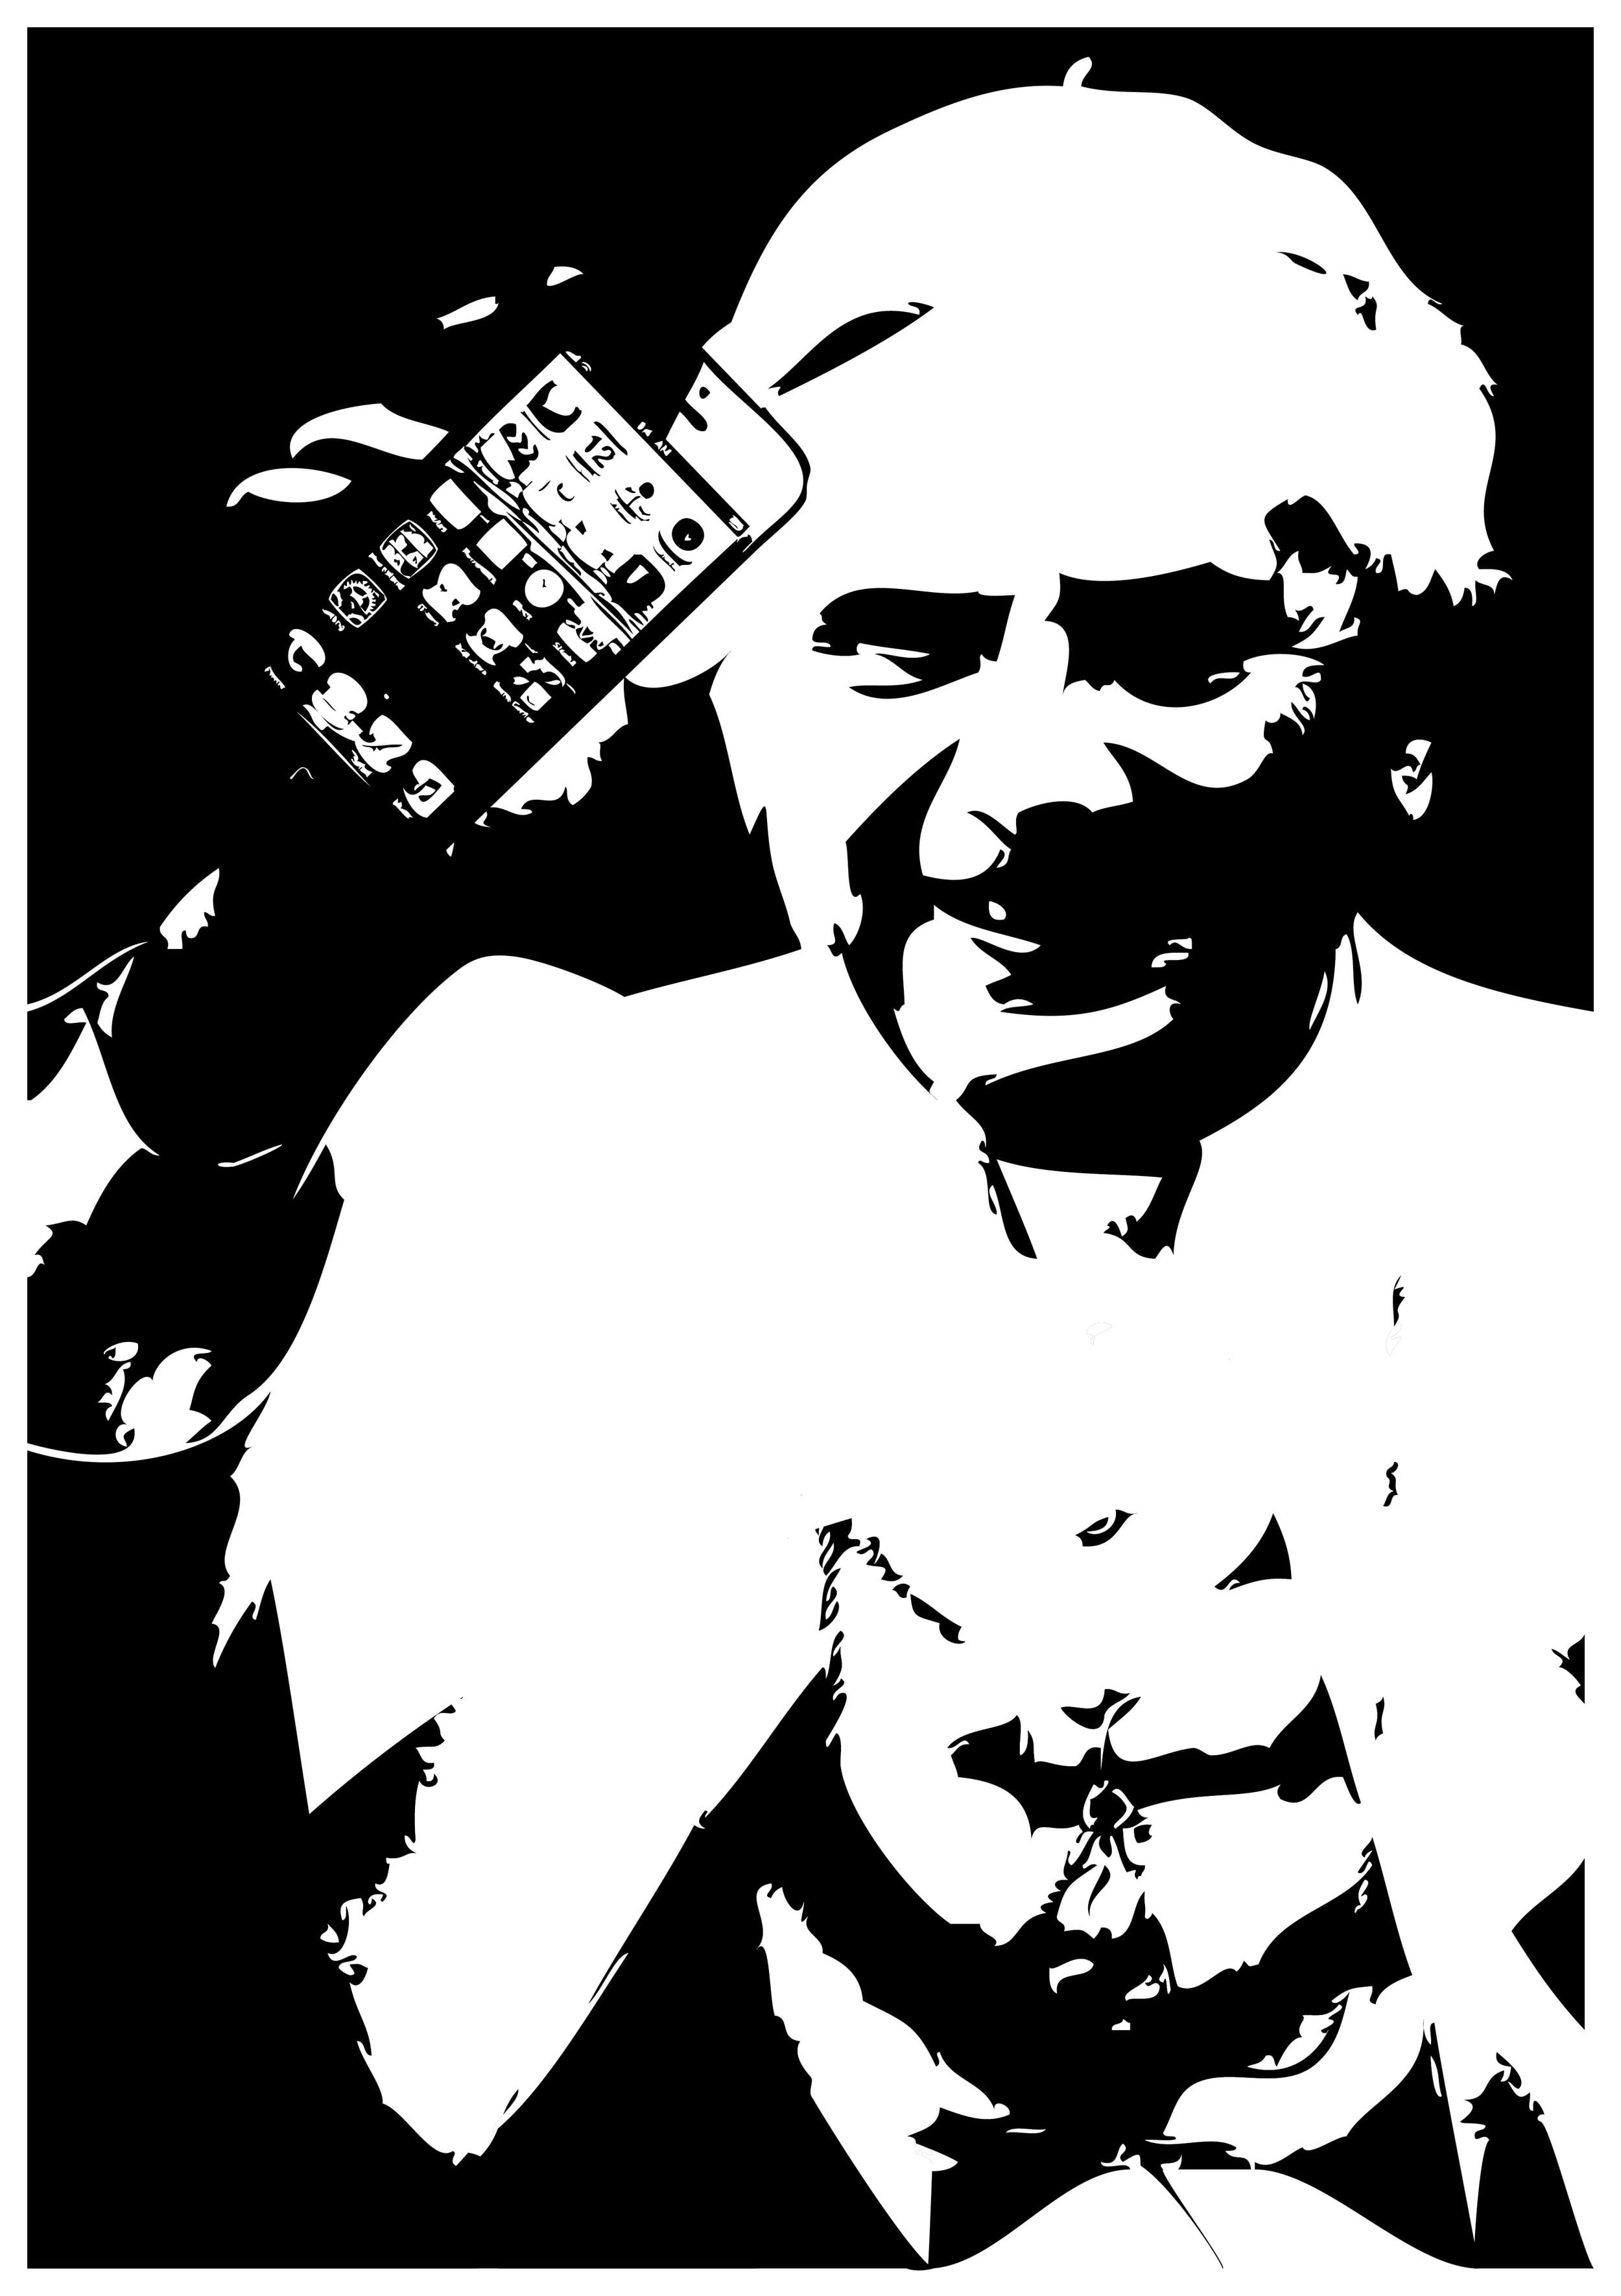 Zum Abschiid het dr Benedikt an syni Follower au dänggt,   Und het grad allne syne Bischöff sone wisses iPhone gschänggt.   Die hänn e Riisefreud und leges als bim Bätte uff e Disch,   Wells zum stryychle gletter als e Buebefuudi isch.